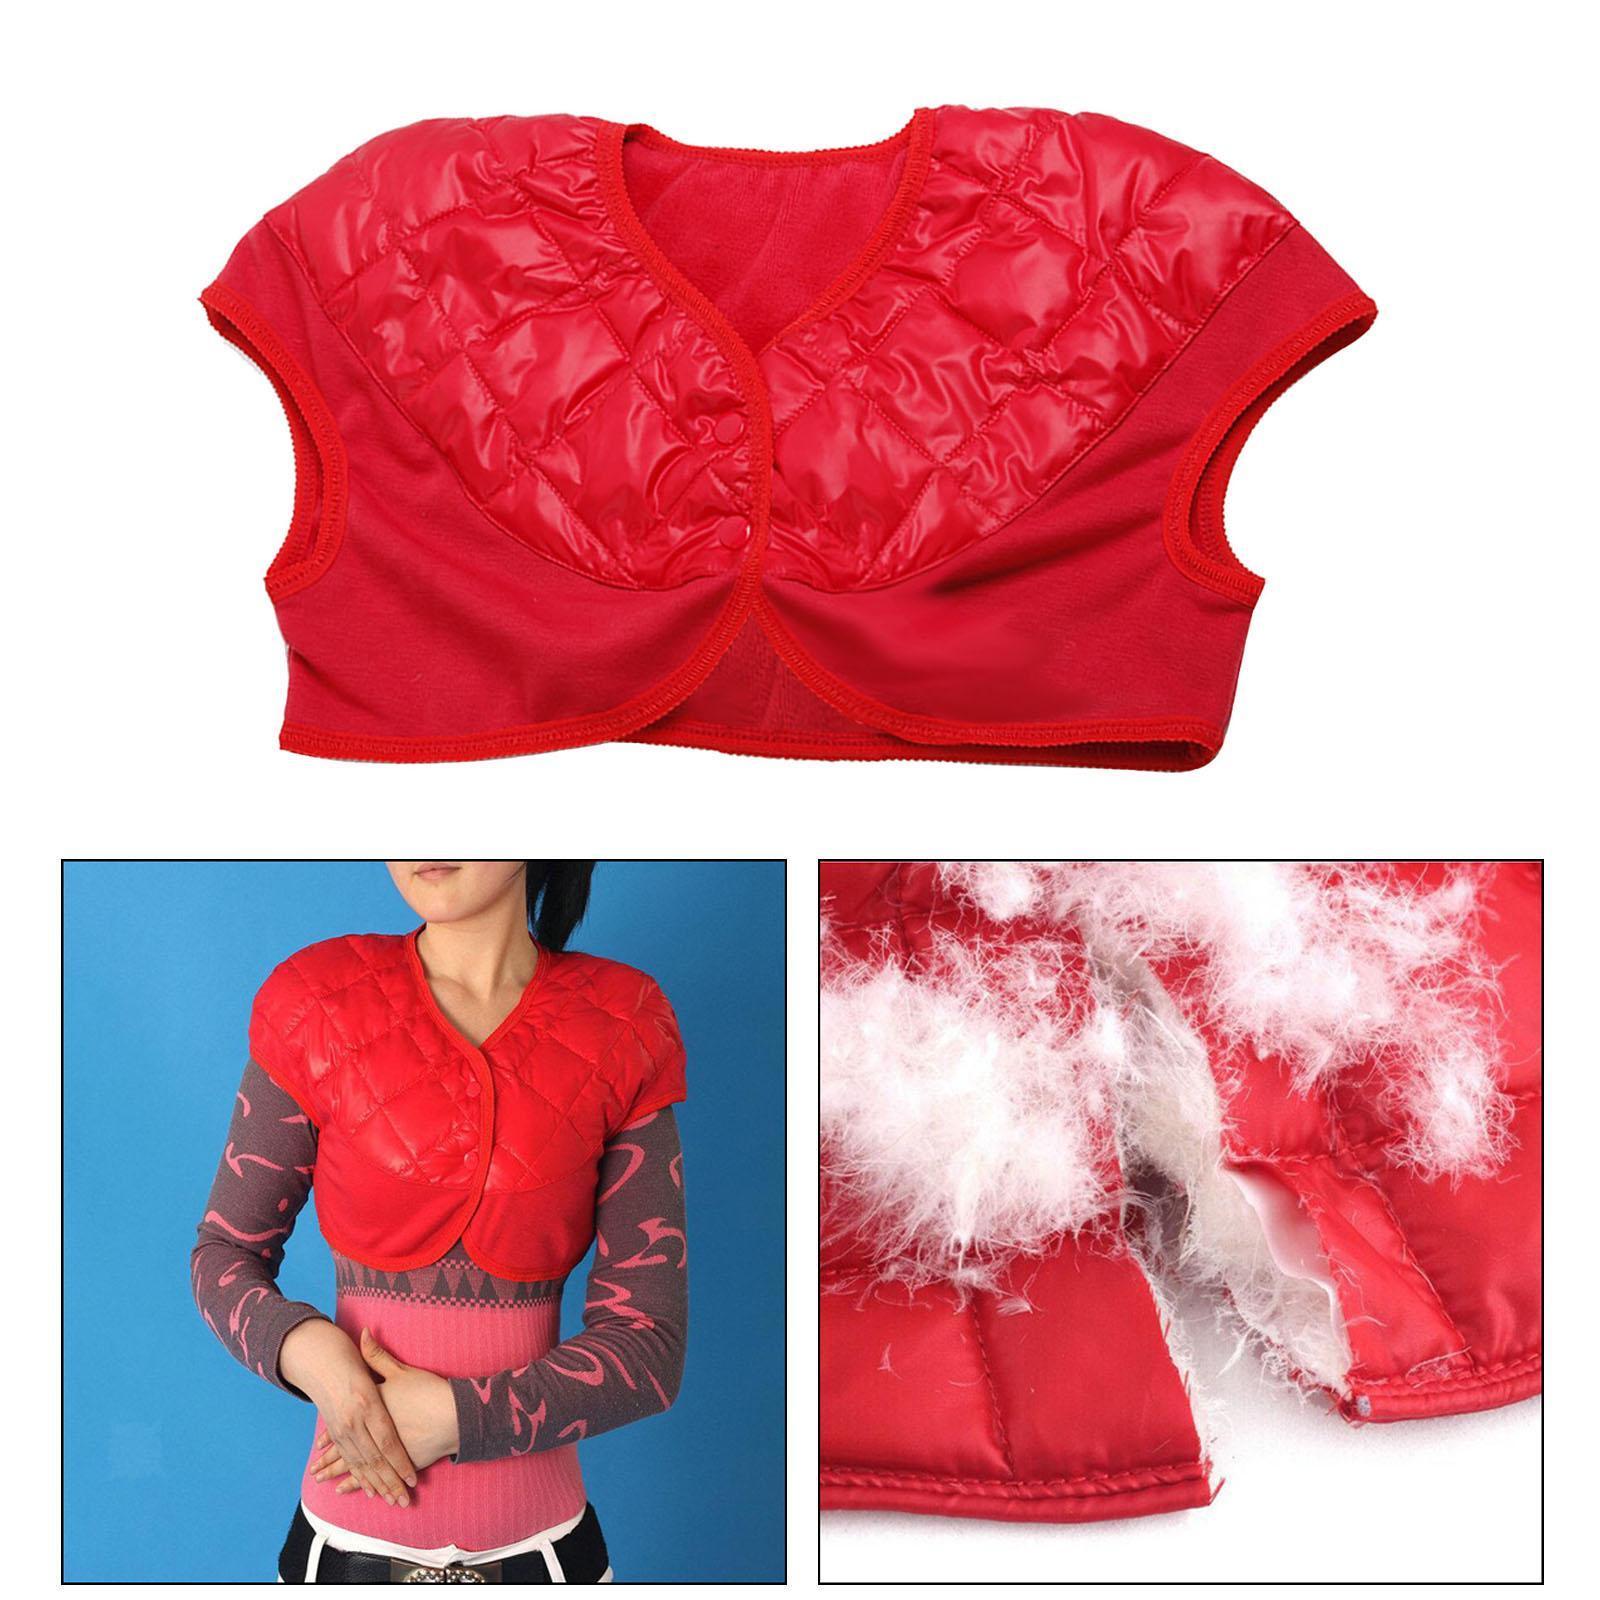 Femmes-Hommes-Down-Jacket-Chaud-Manteau-Court-Epaule-Chaud-Thermique-Wrap miniatura 79